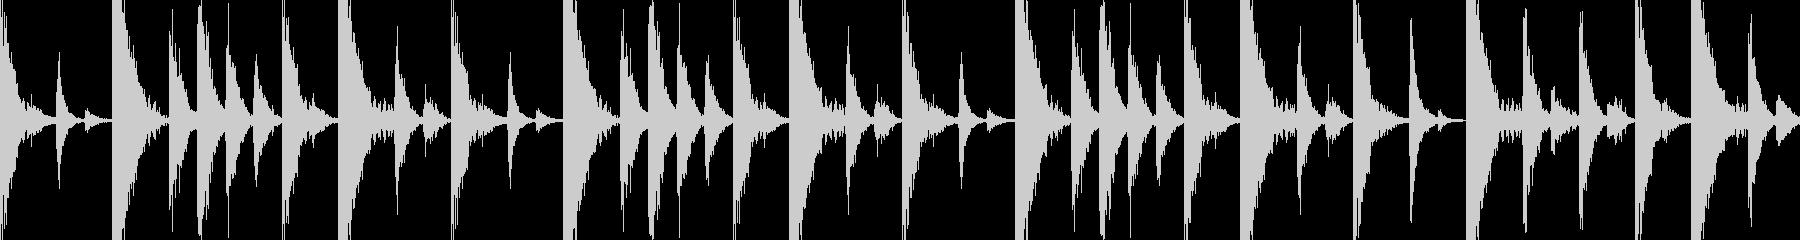 ドラムンベースのリズムループ/パターンの未再生の波形